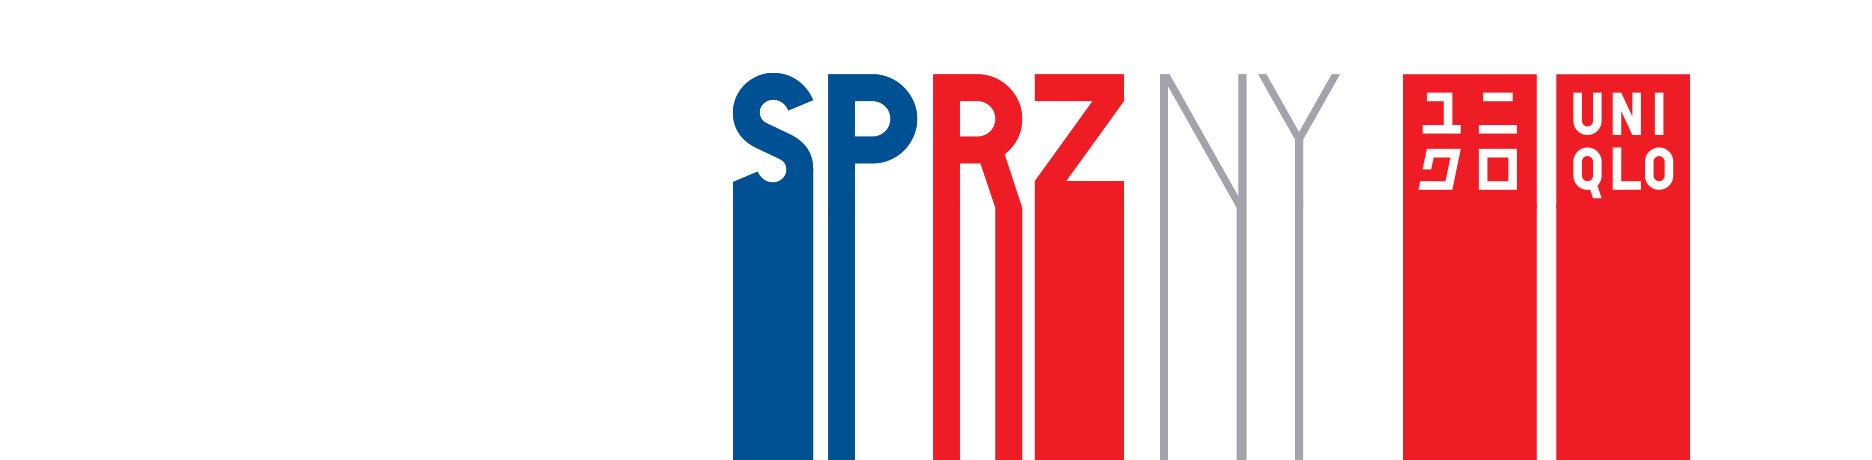 SPRZ: Colección de artistas